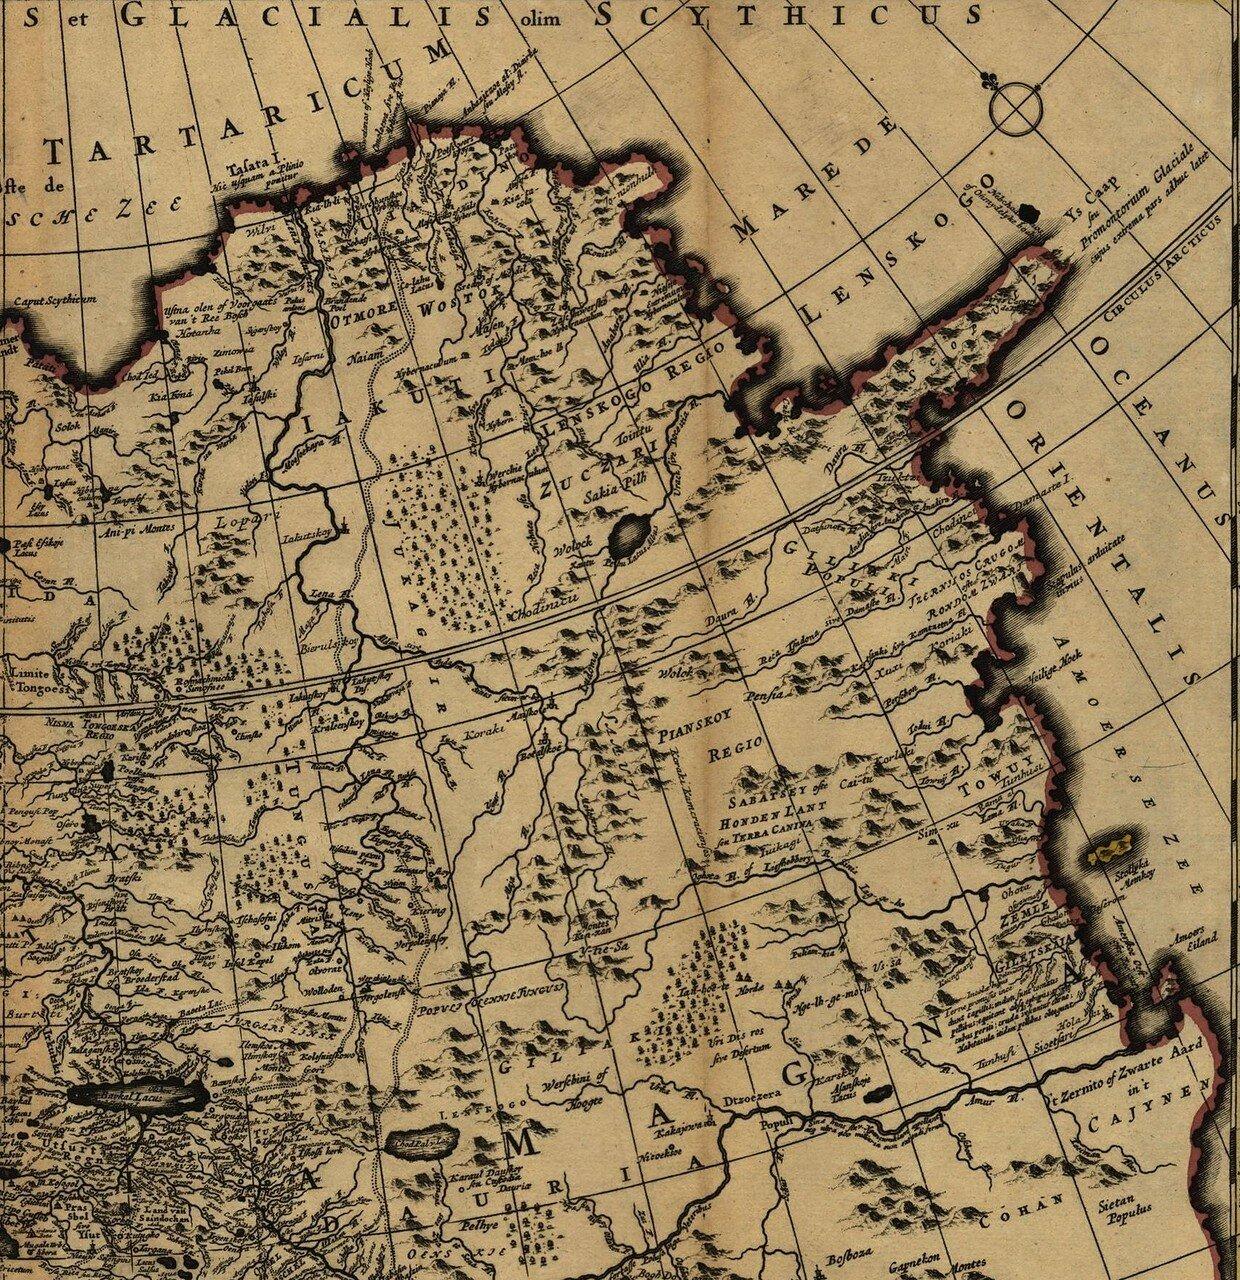 витсен, 1705 - копия.jpg